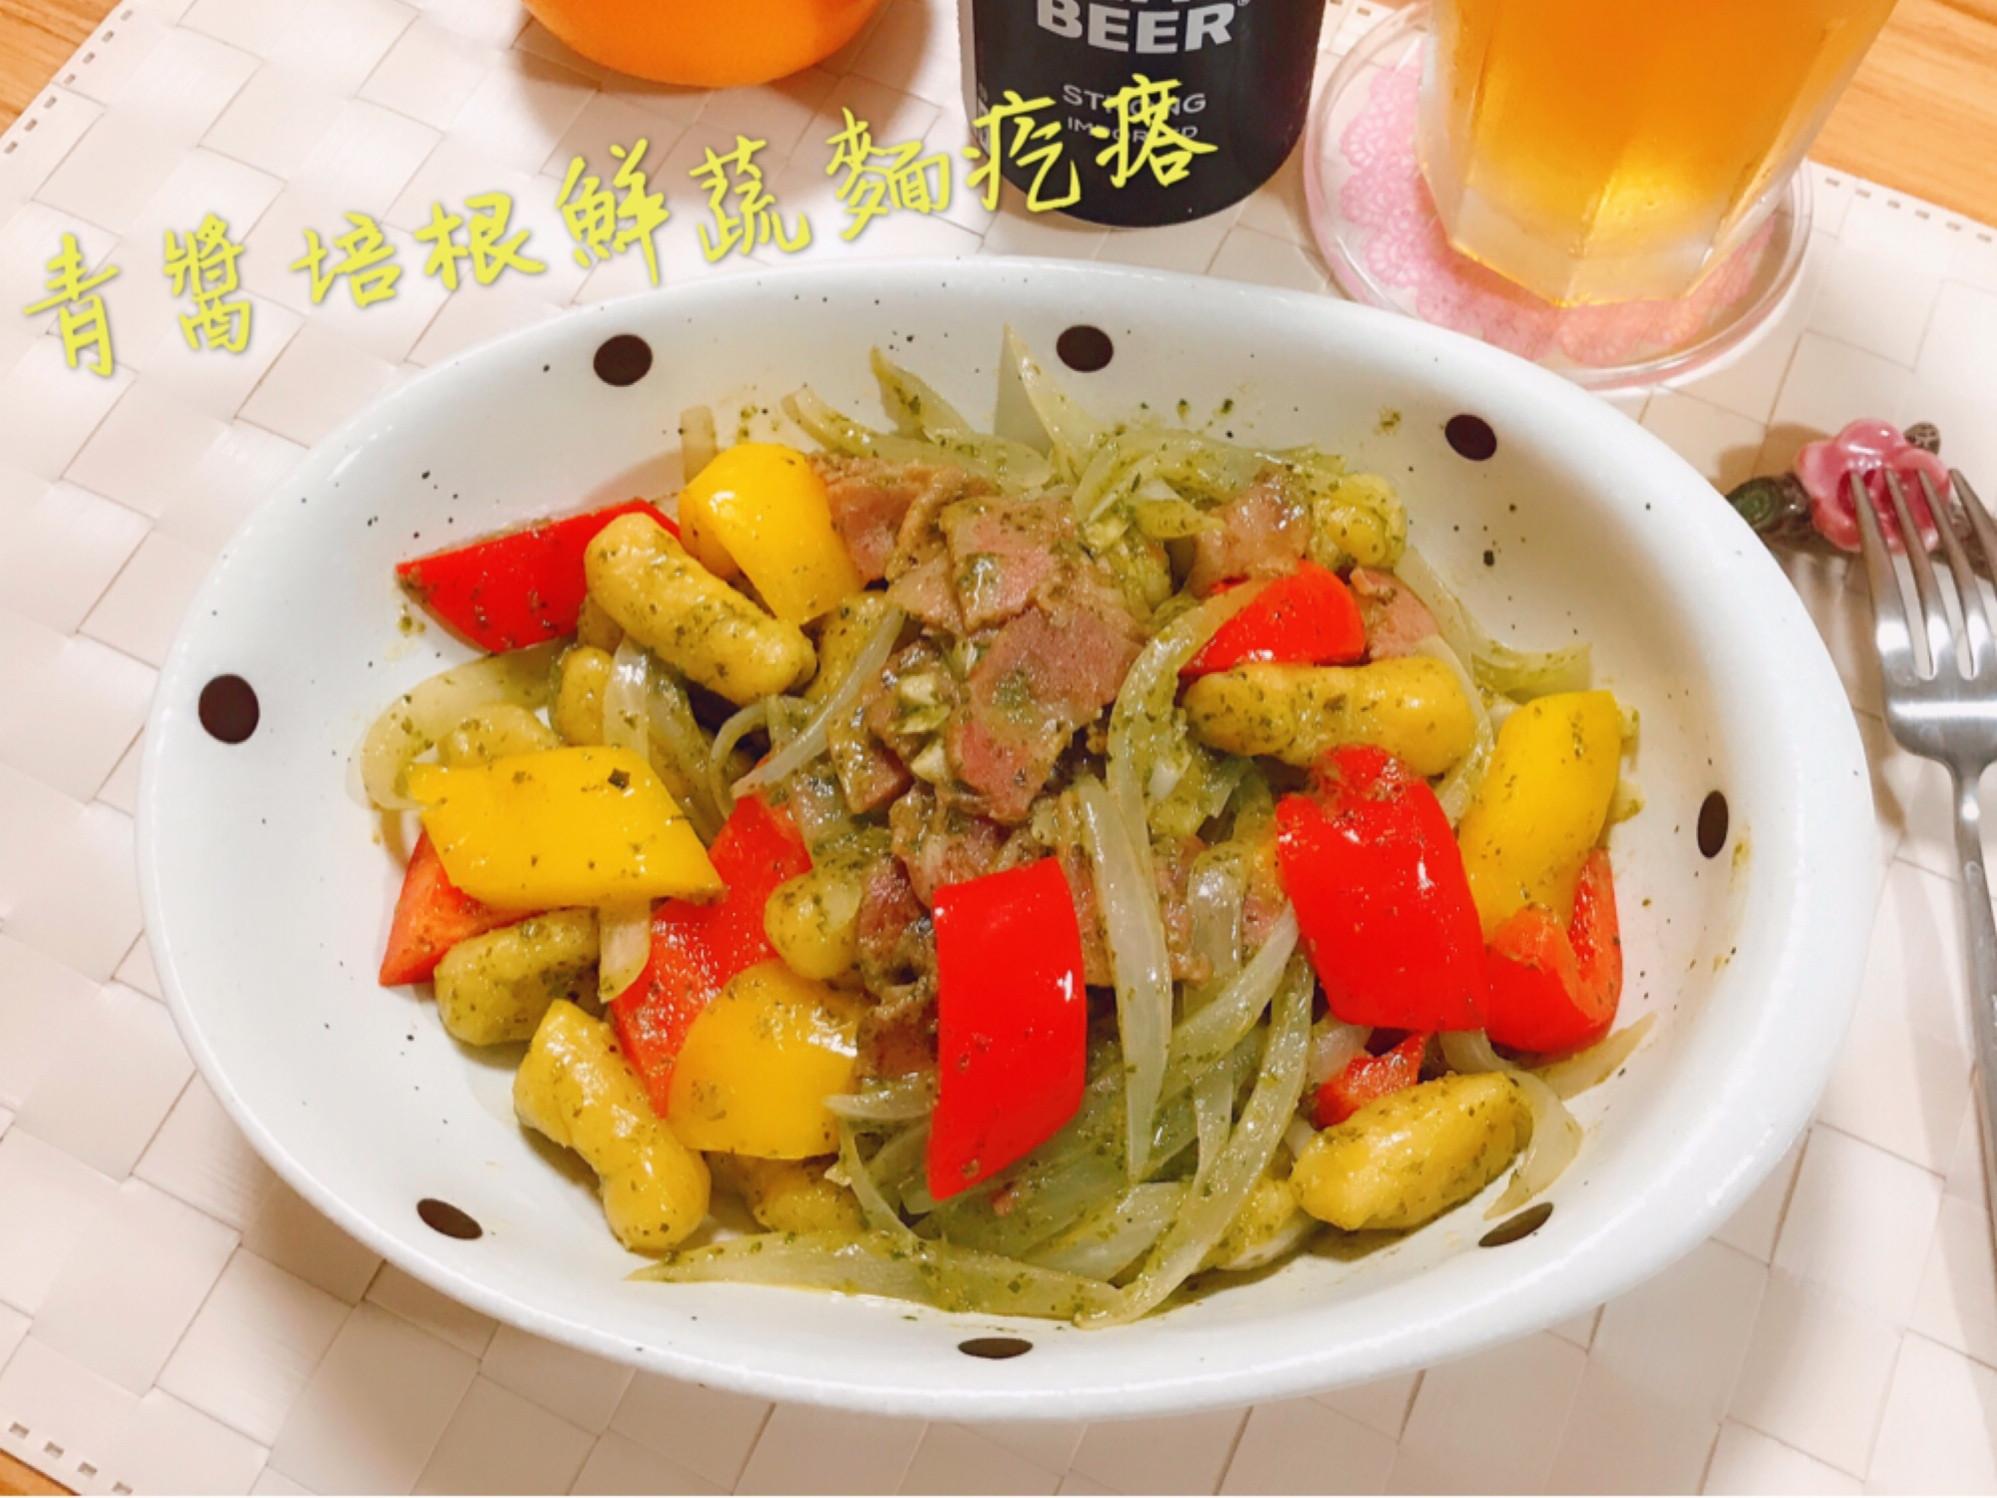 青醬培根鮮蔬麵疙瘩